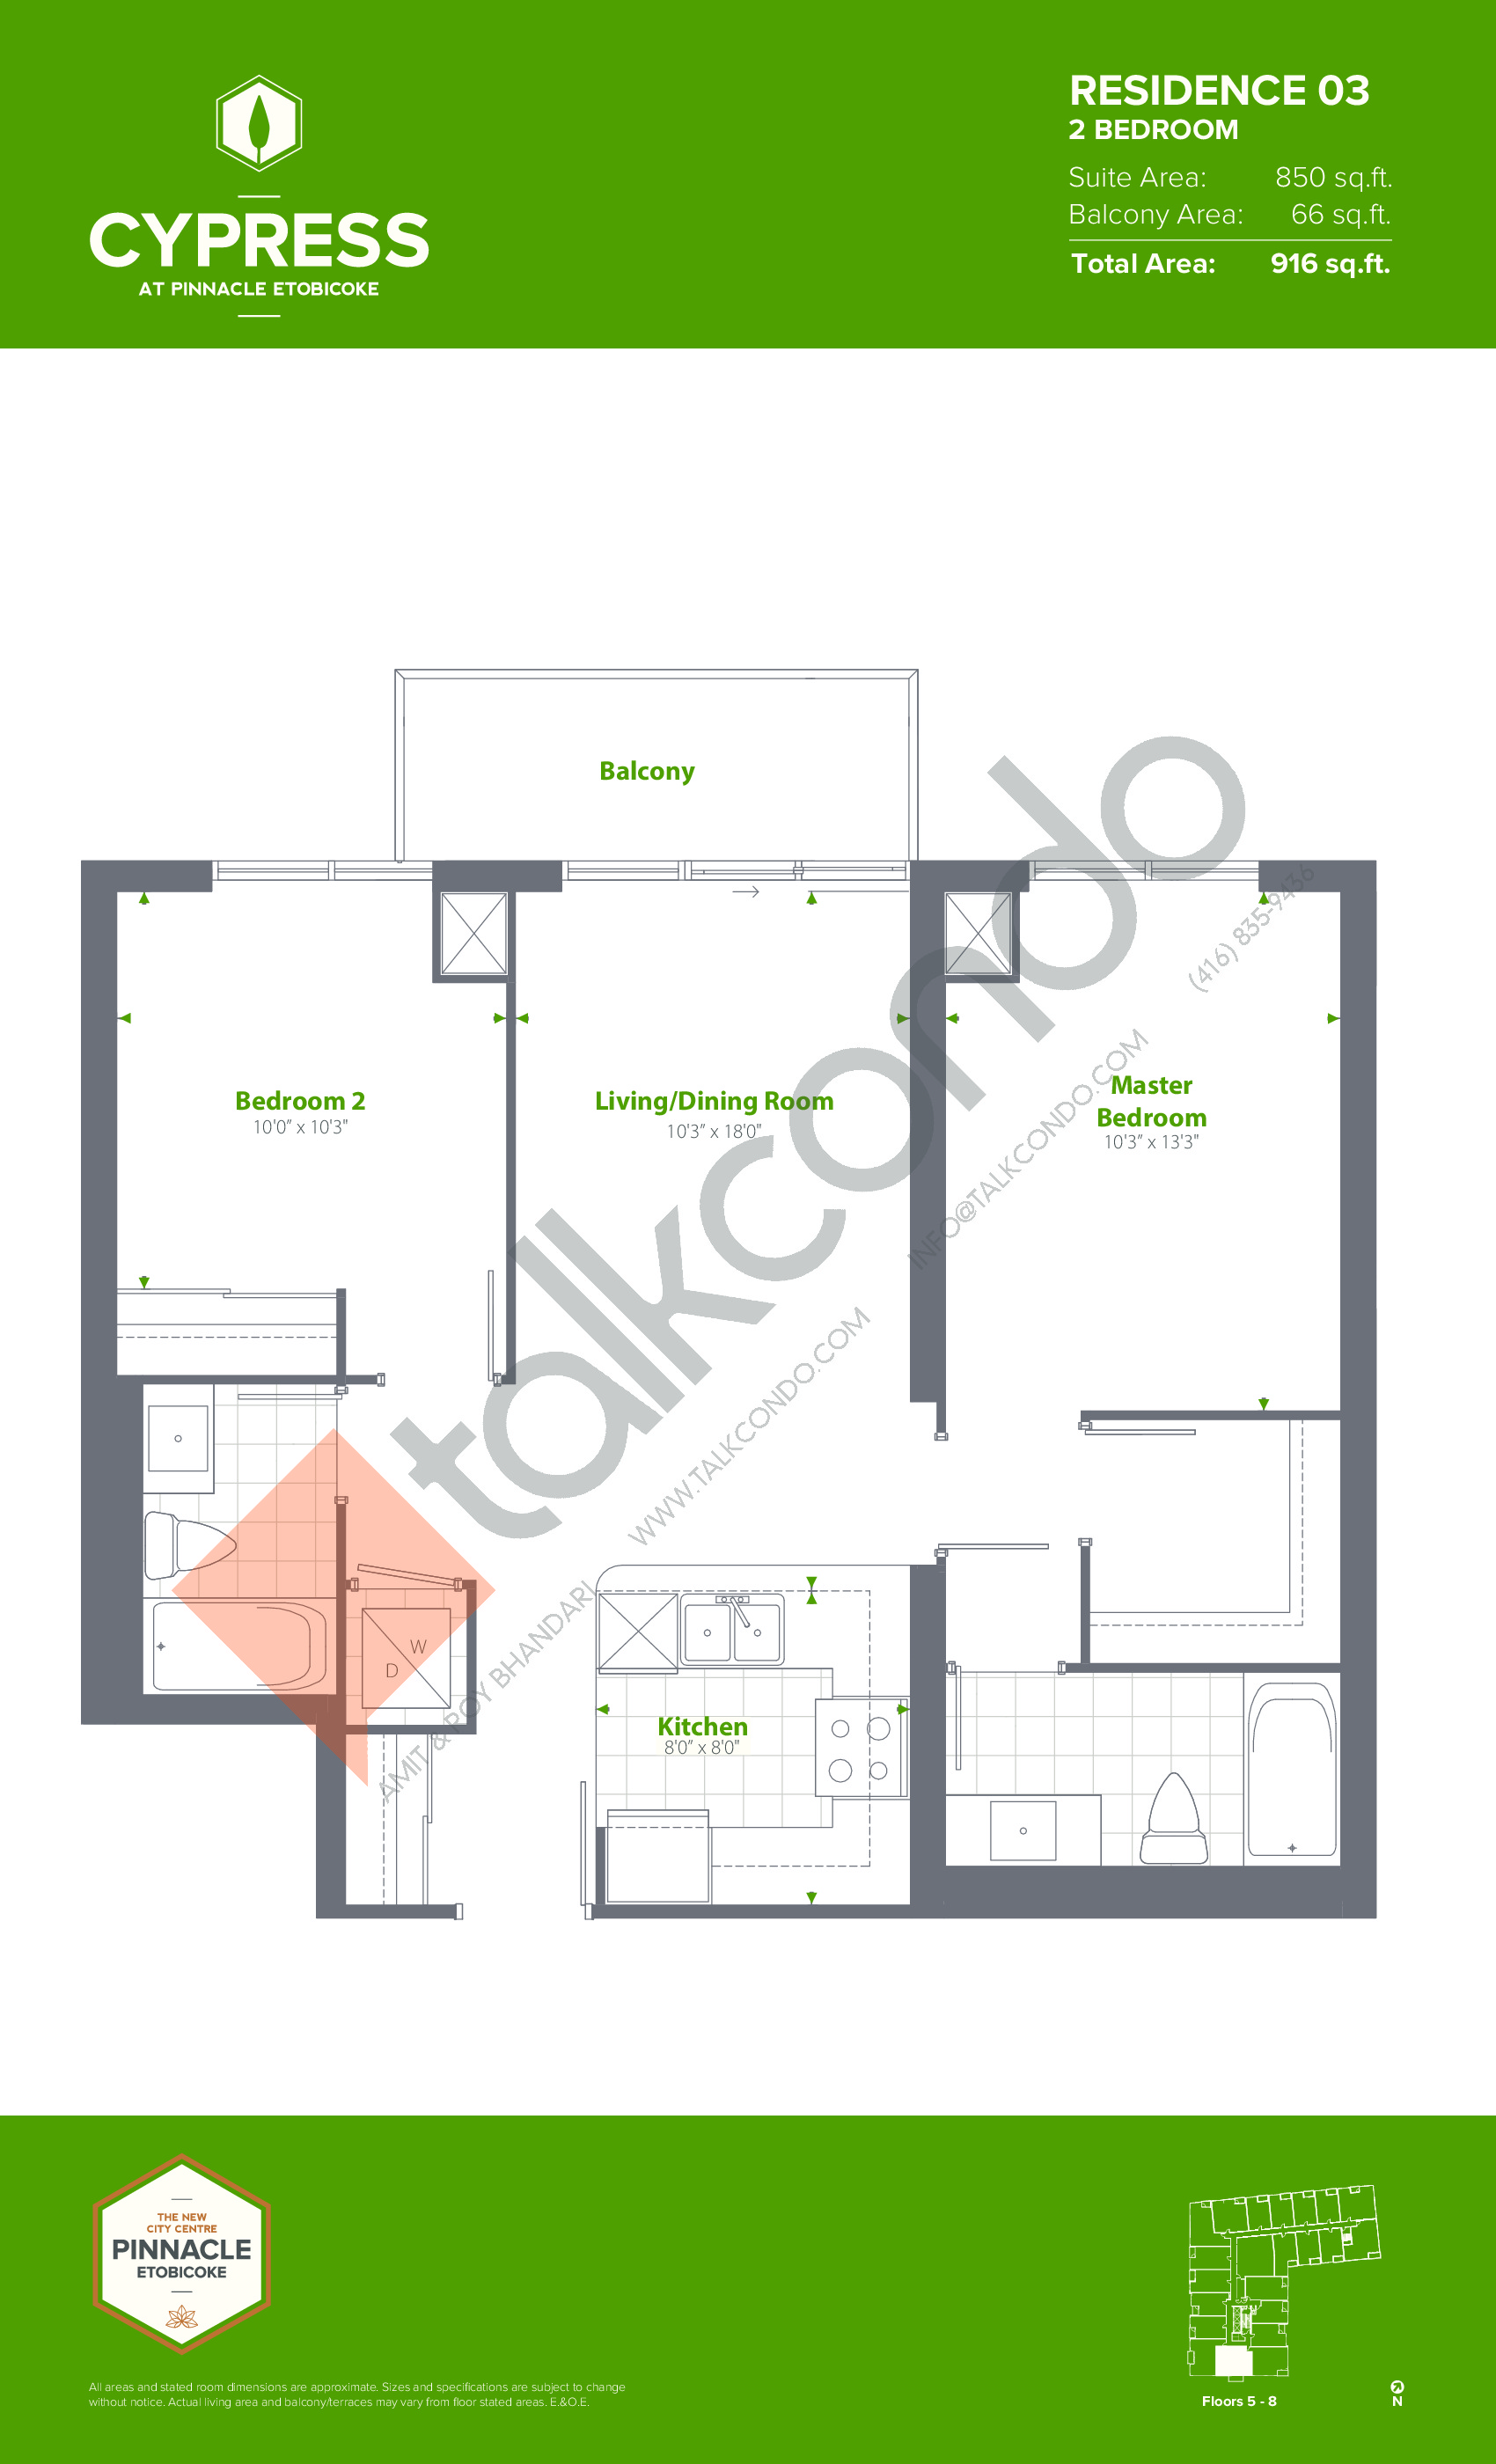 Residence 03 (Podium) Floor Plan at Cypress at Pinnacle Etobicoke - 850 sq.ft